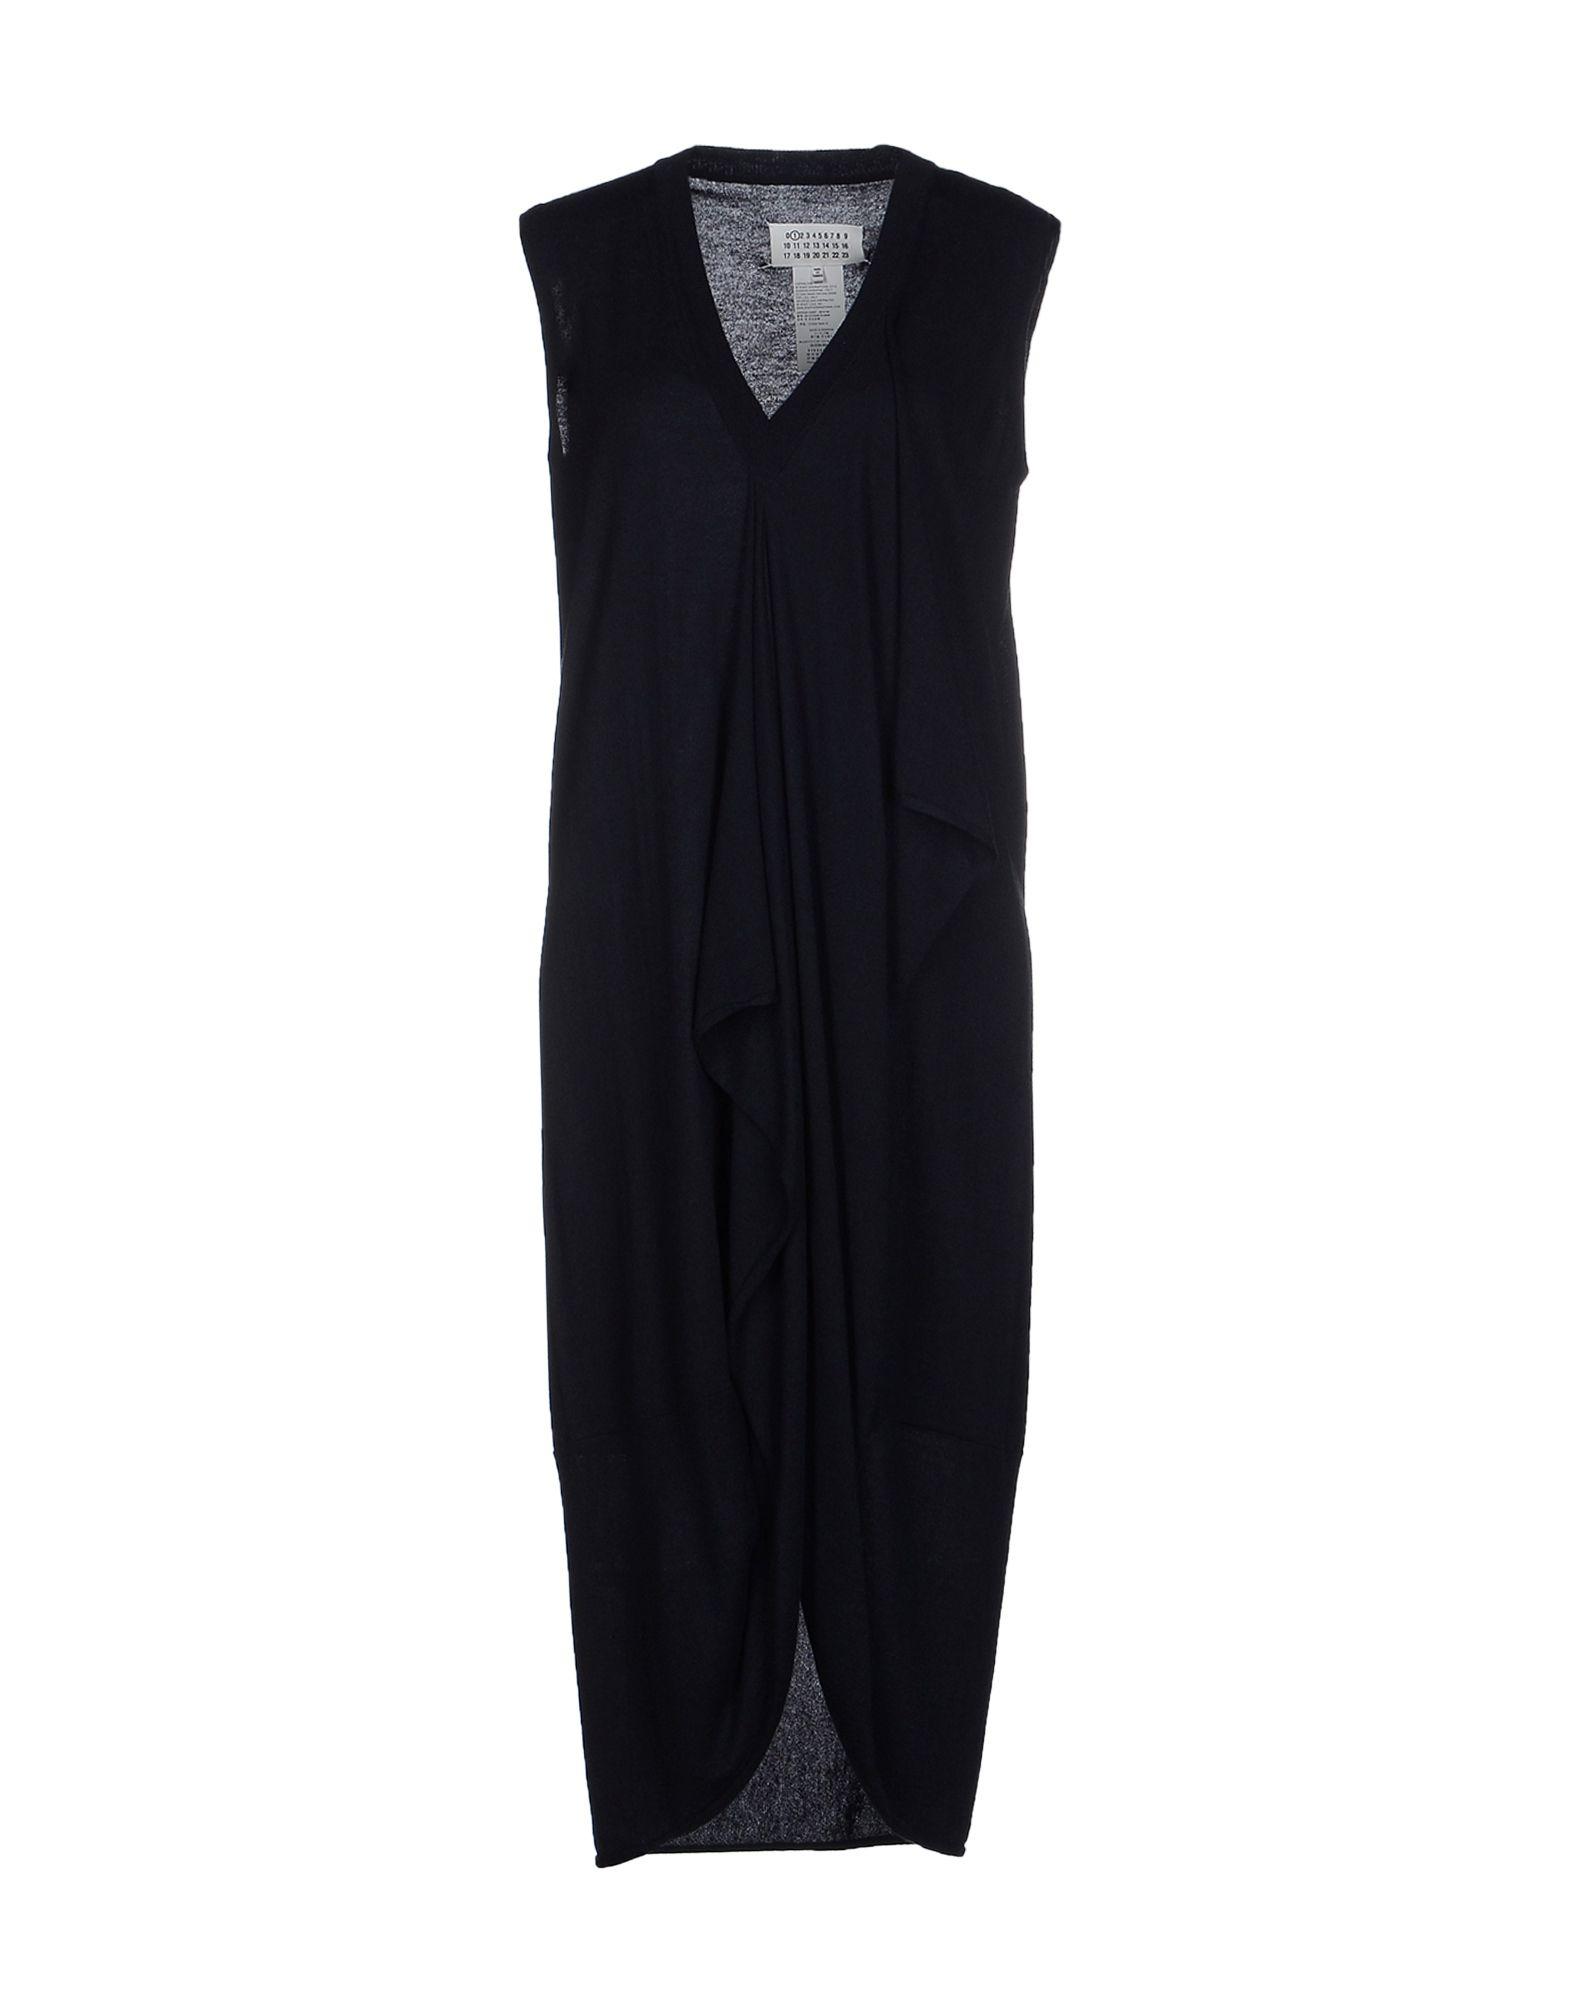 Maison margiela knee length dress in black lyst